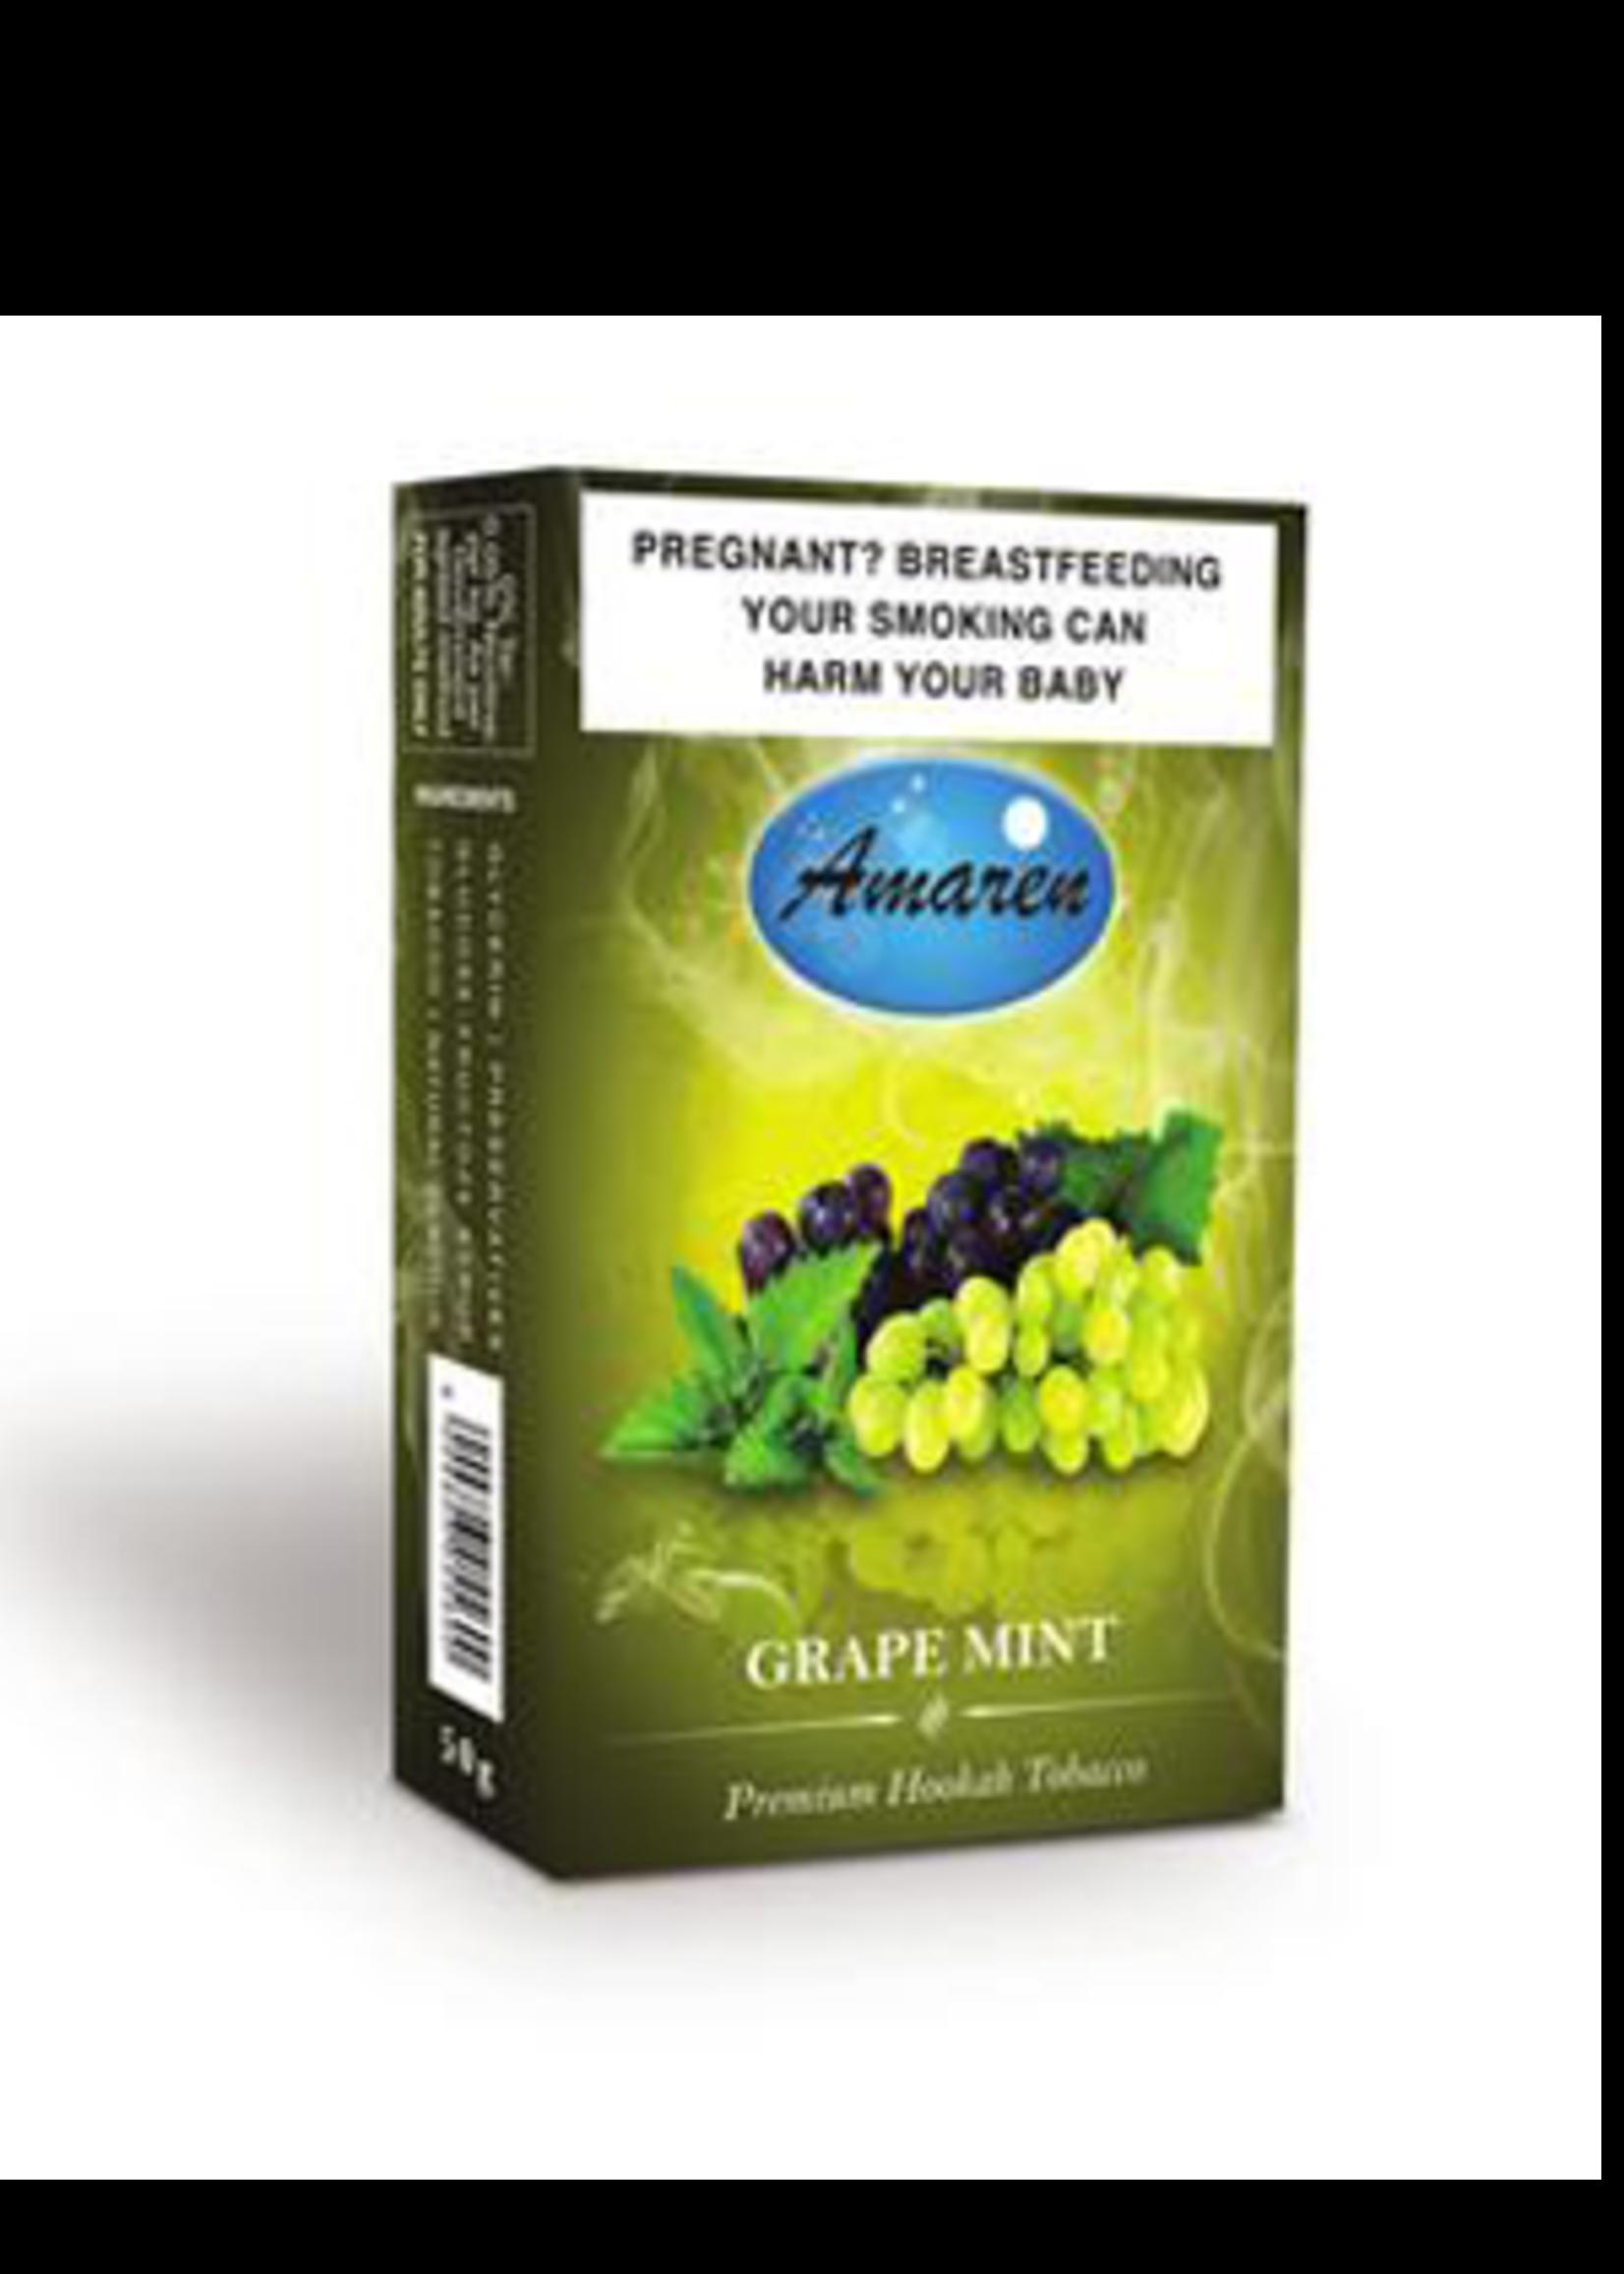 Amaren hubbly flavour - grape mint